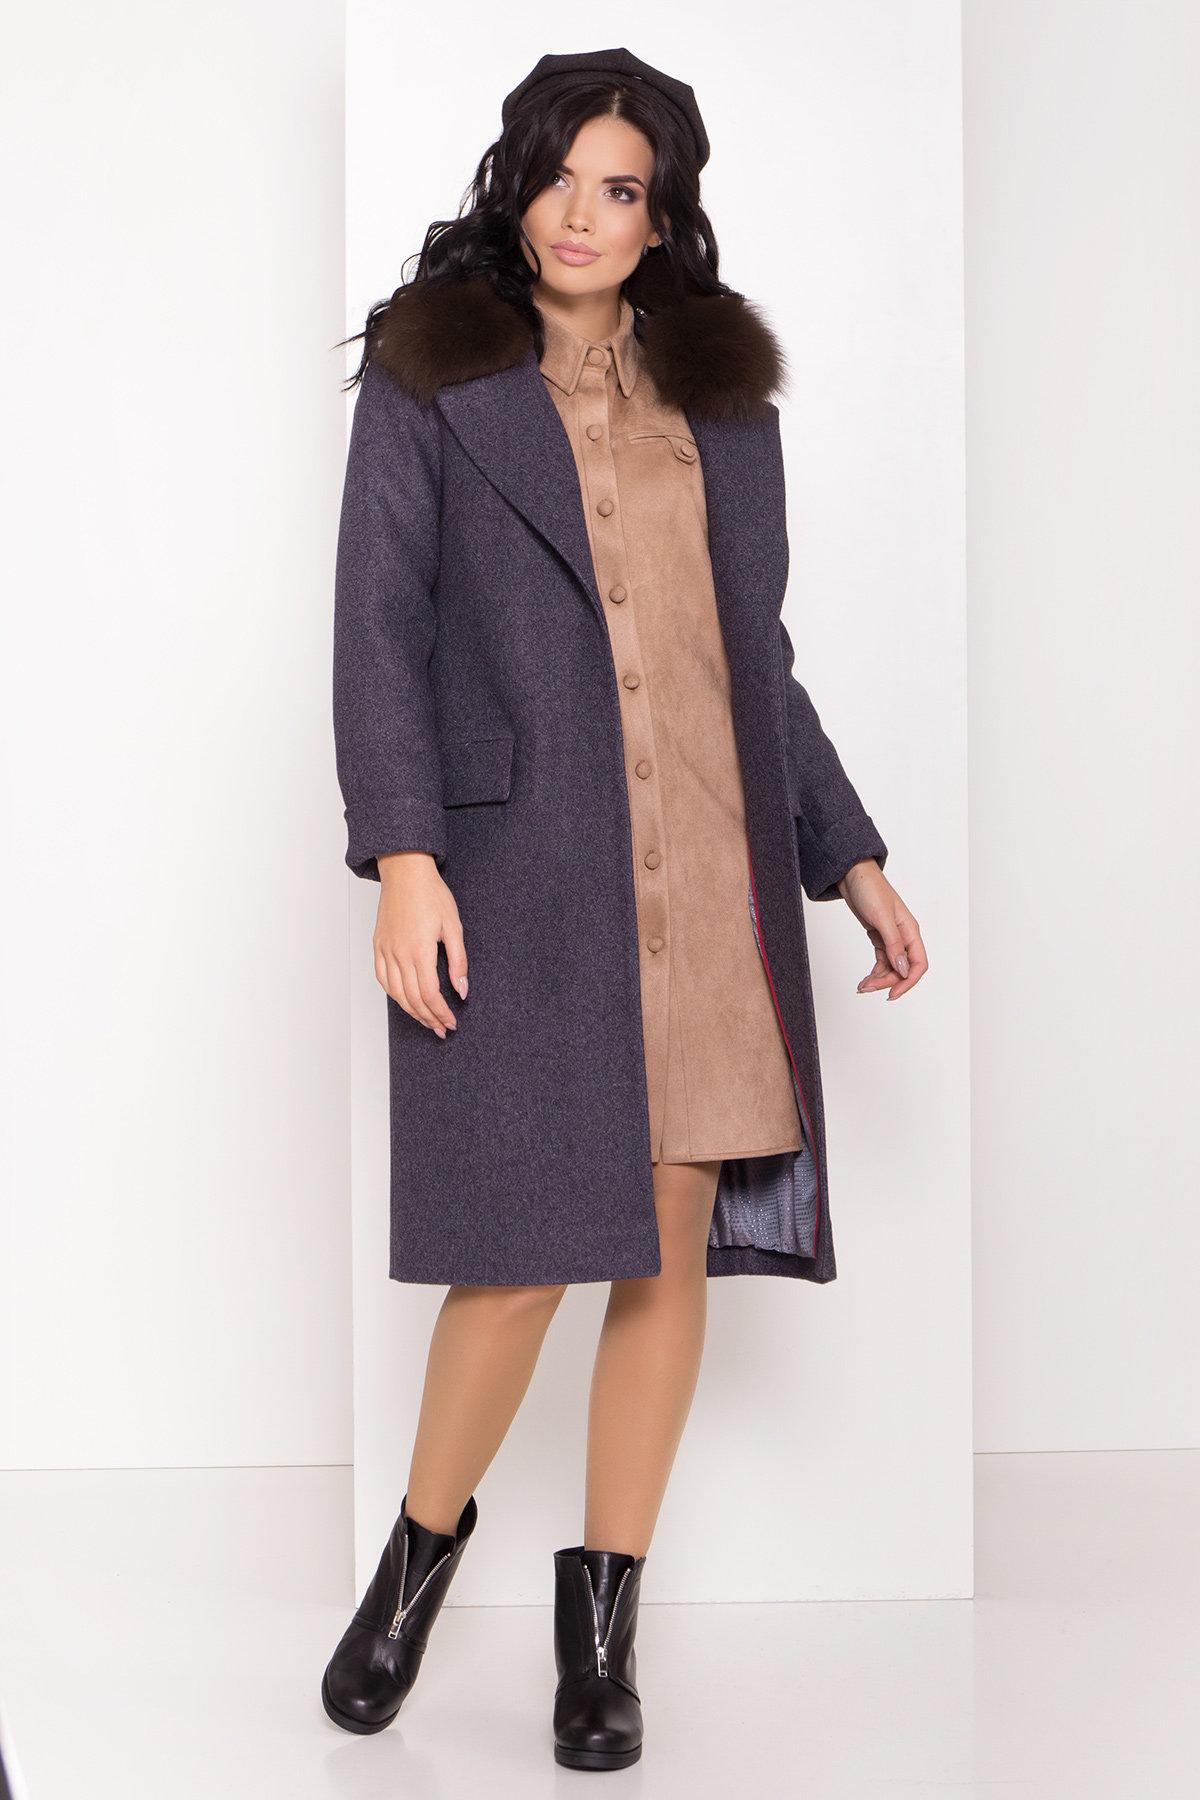 Зимнее пальто с меховым воротником Моле 8185 АРТ. 44191 Цвет: Т.синий 543 - фото 1, интернет магазин tm-modus.ru